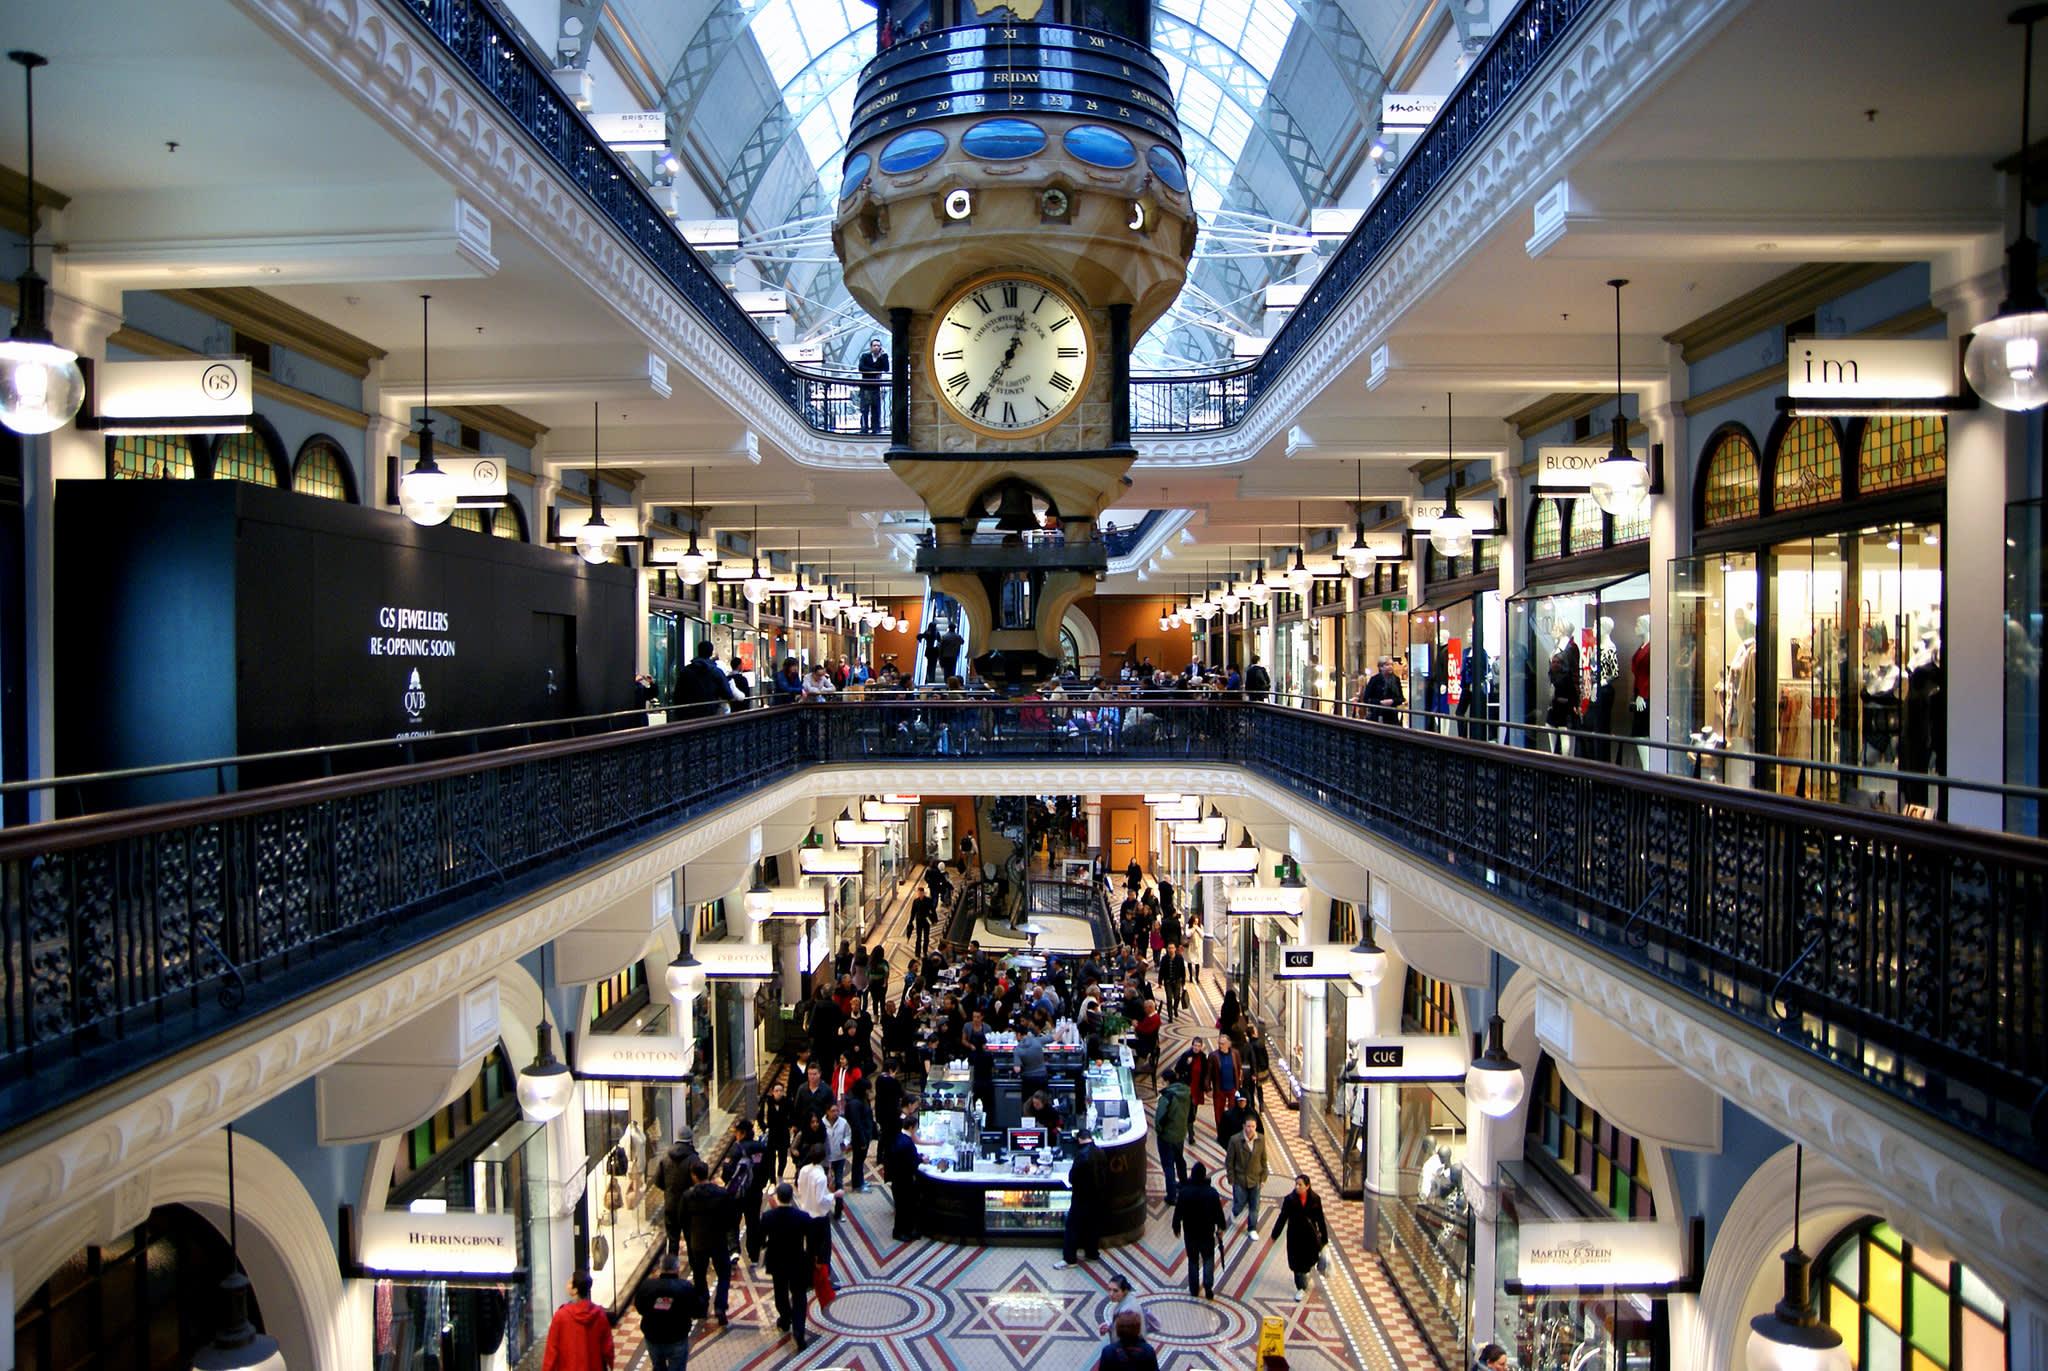 位於中央的「皇家時鐘」,每個整點都會報時,也是具有百年歷史的珍貴文物。(Flickr授權作者-BBernard Spragg.NZ)